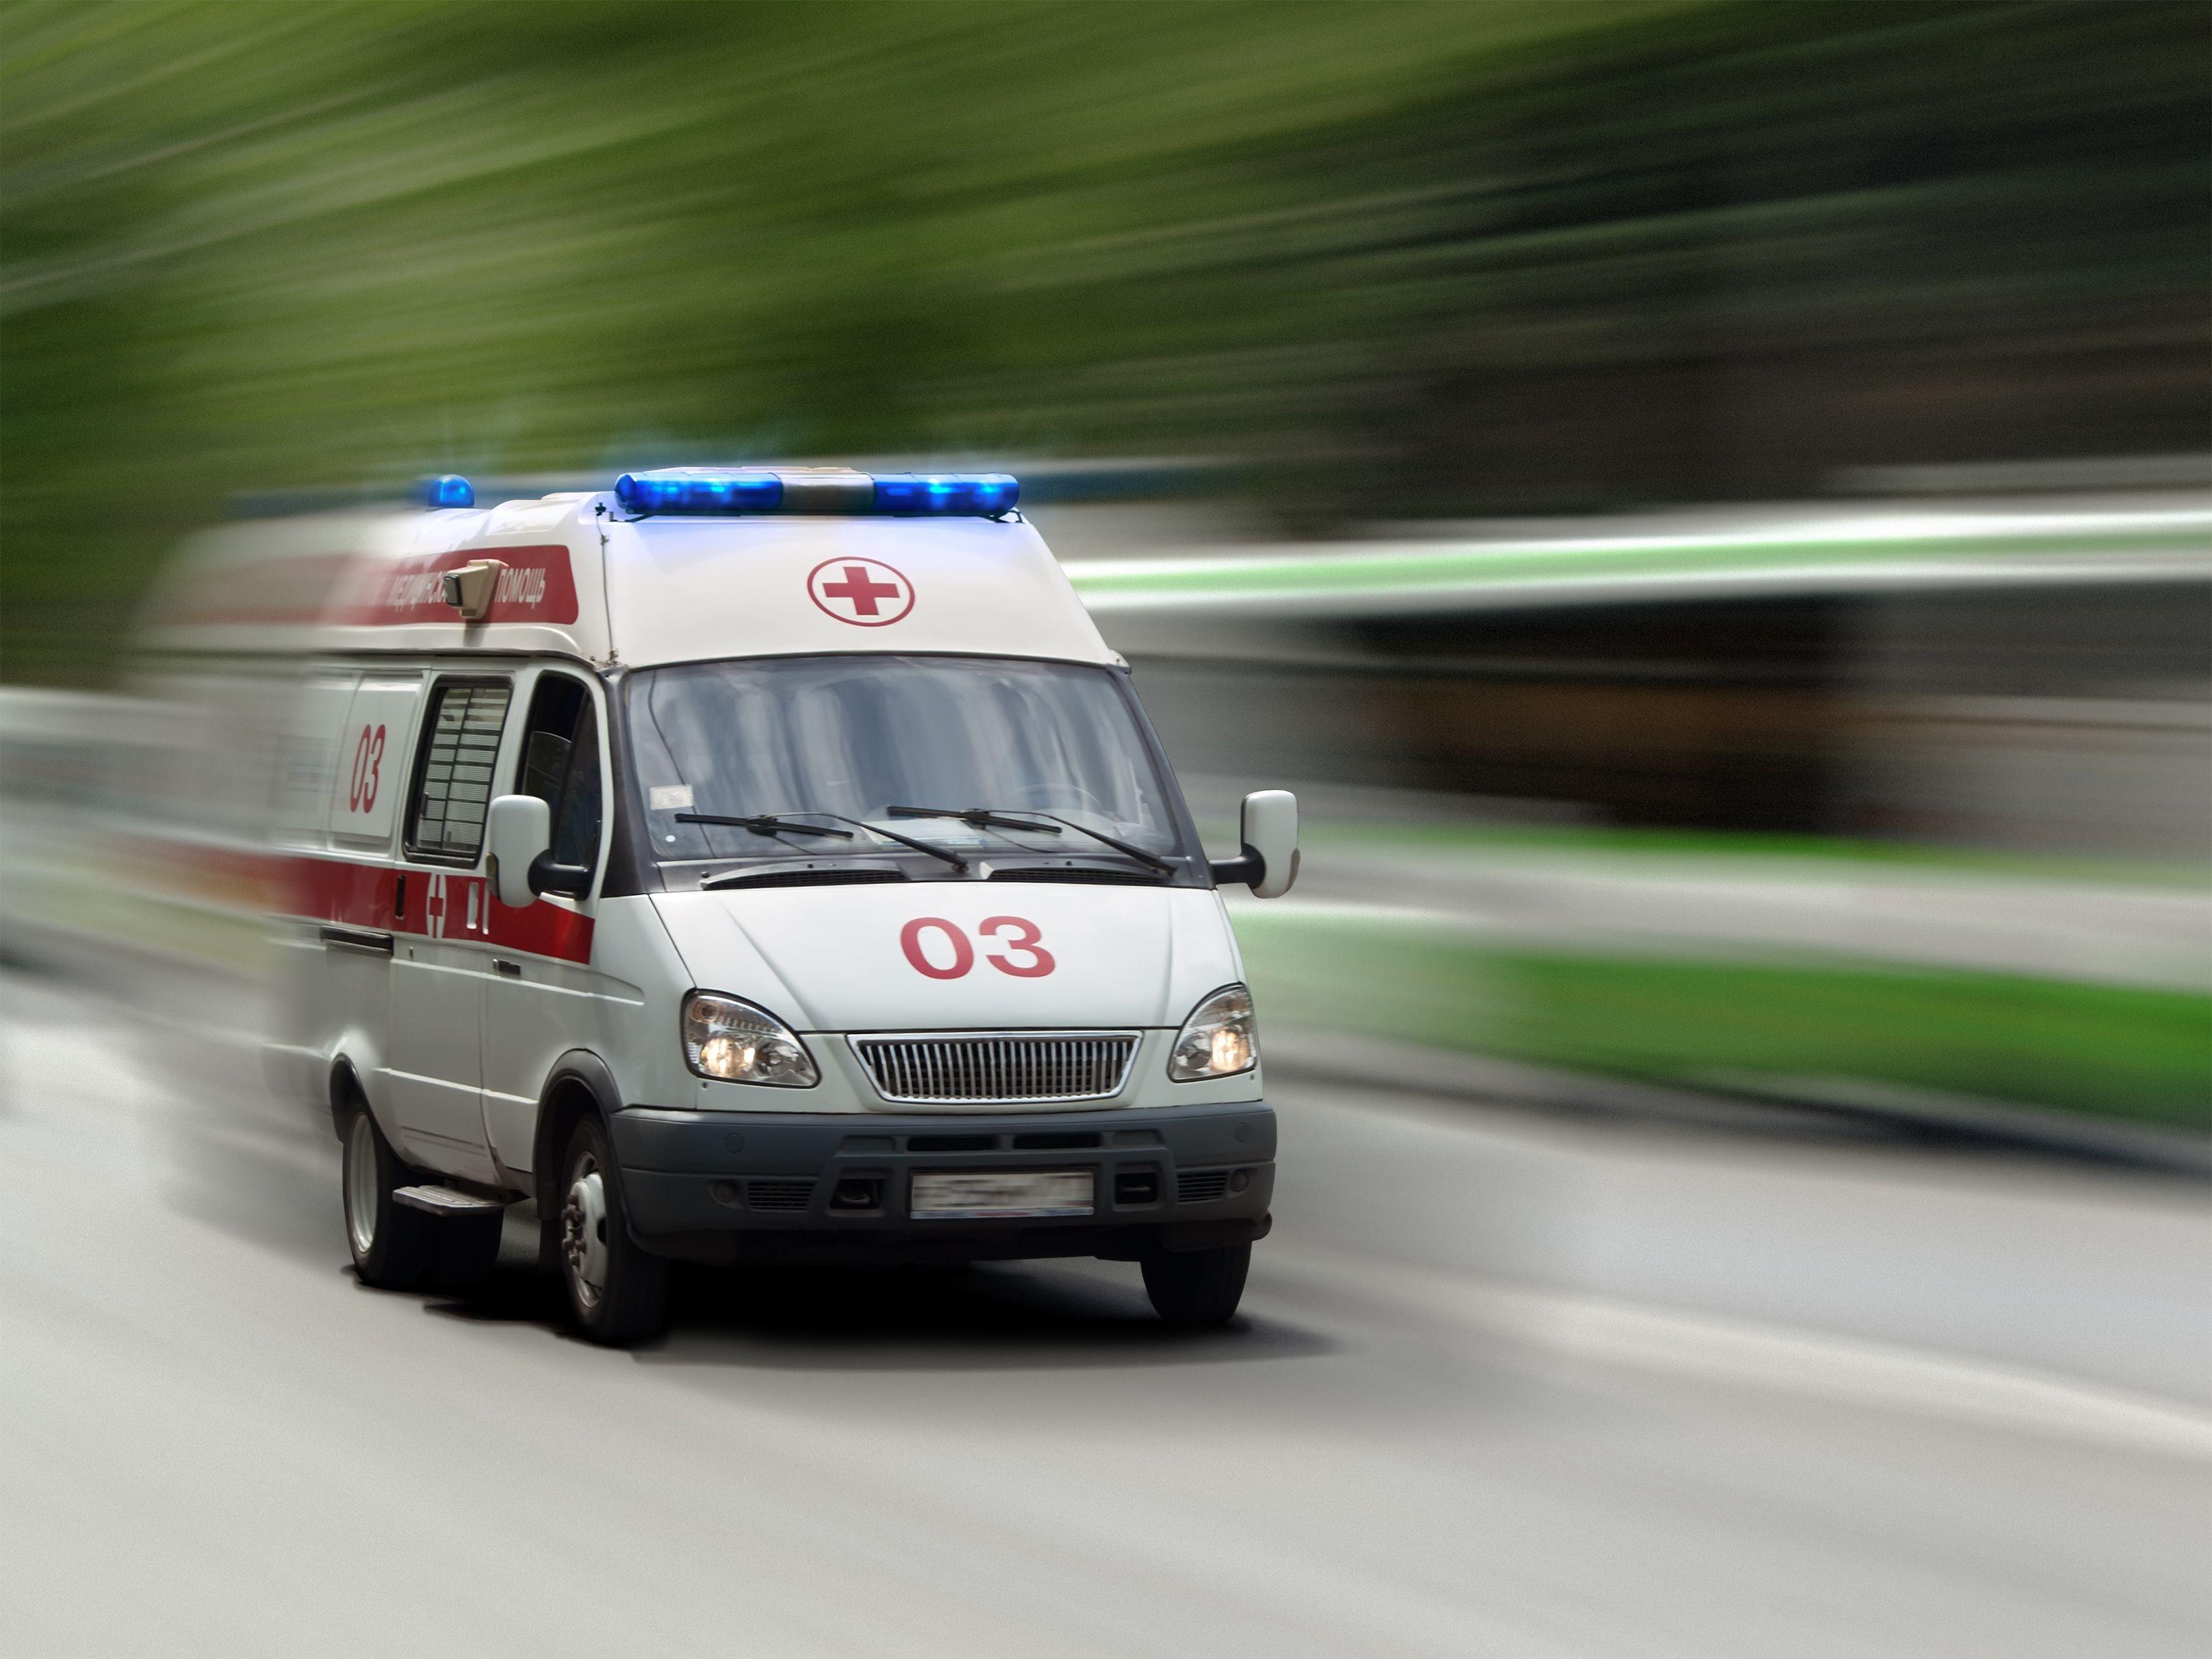 ВПензе в итоге наезда 24-летняя девушка угодила в поликлинику